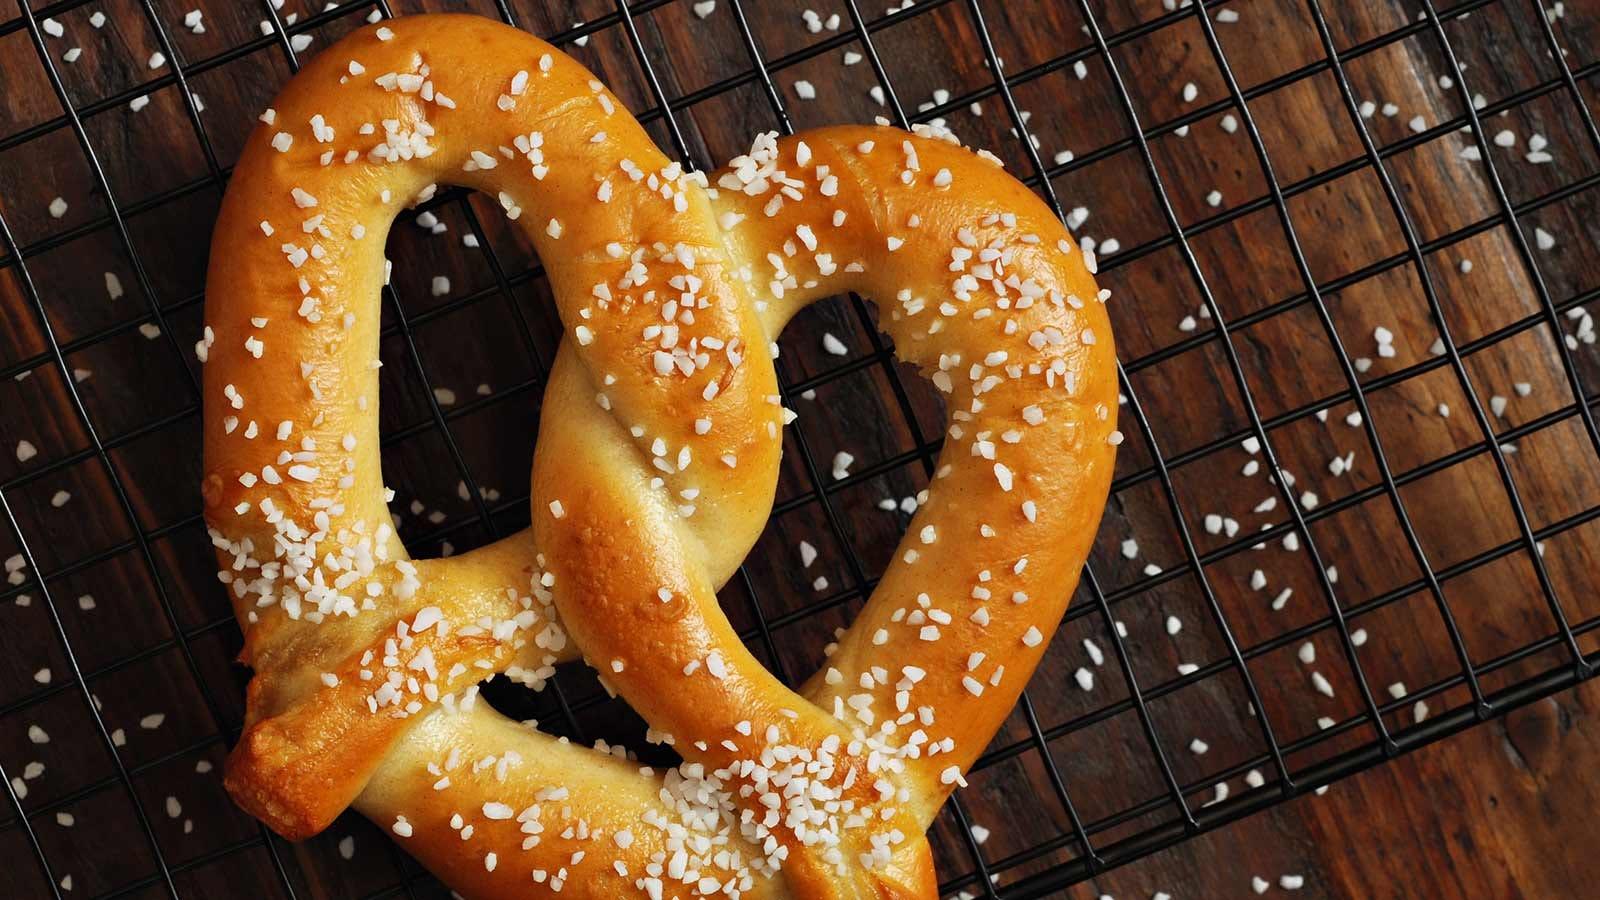 A fresh soft pretzel, sprinkled with salt.